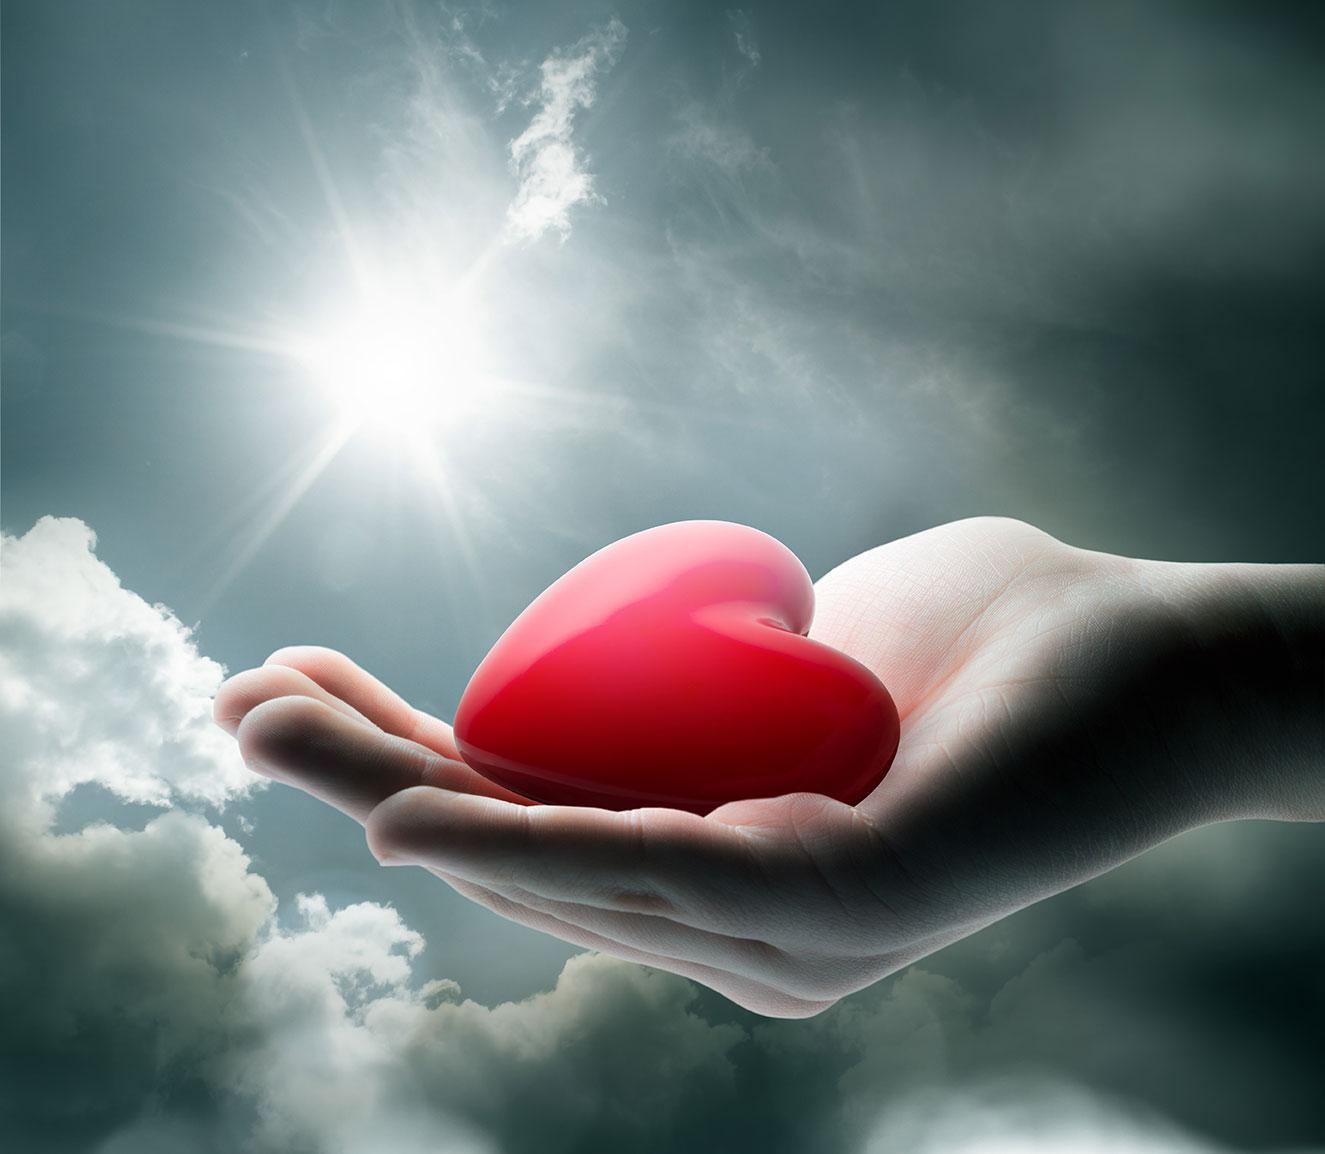 пусть фото картинка сердце в ладонях вариант крепления удобен